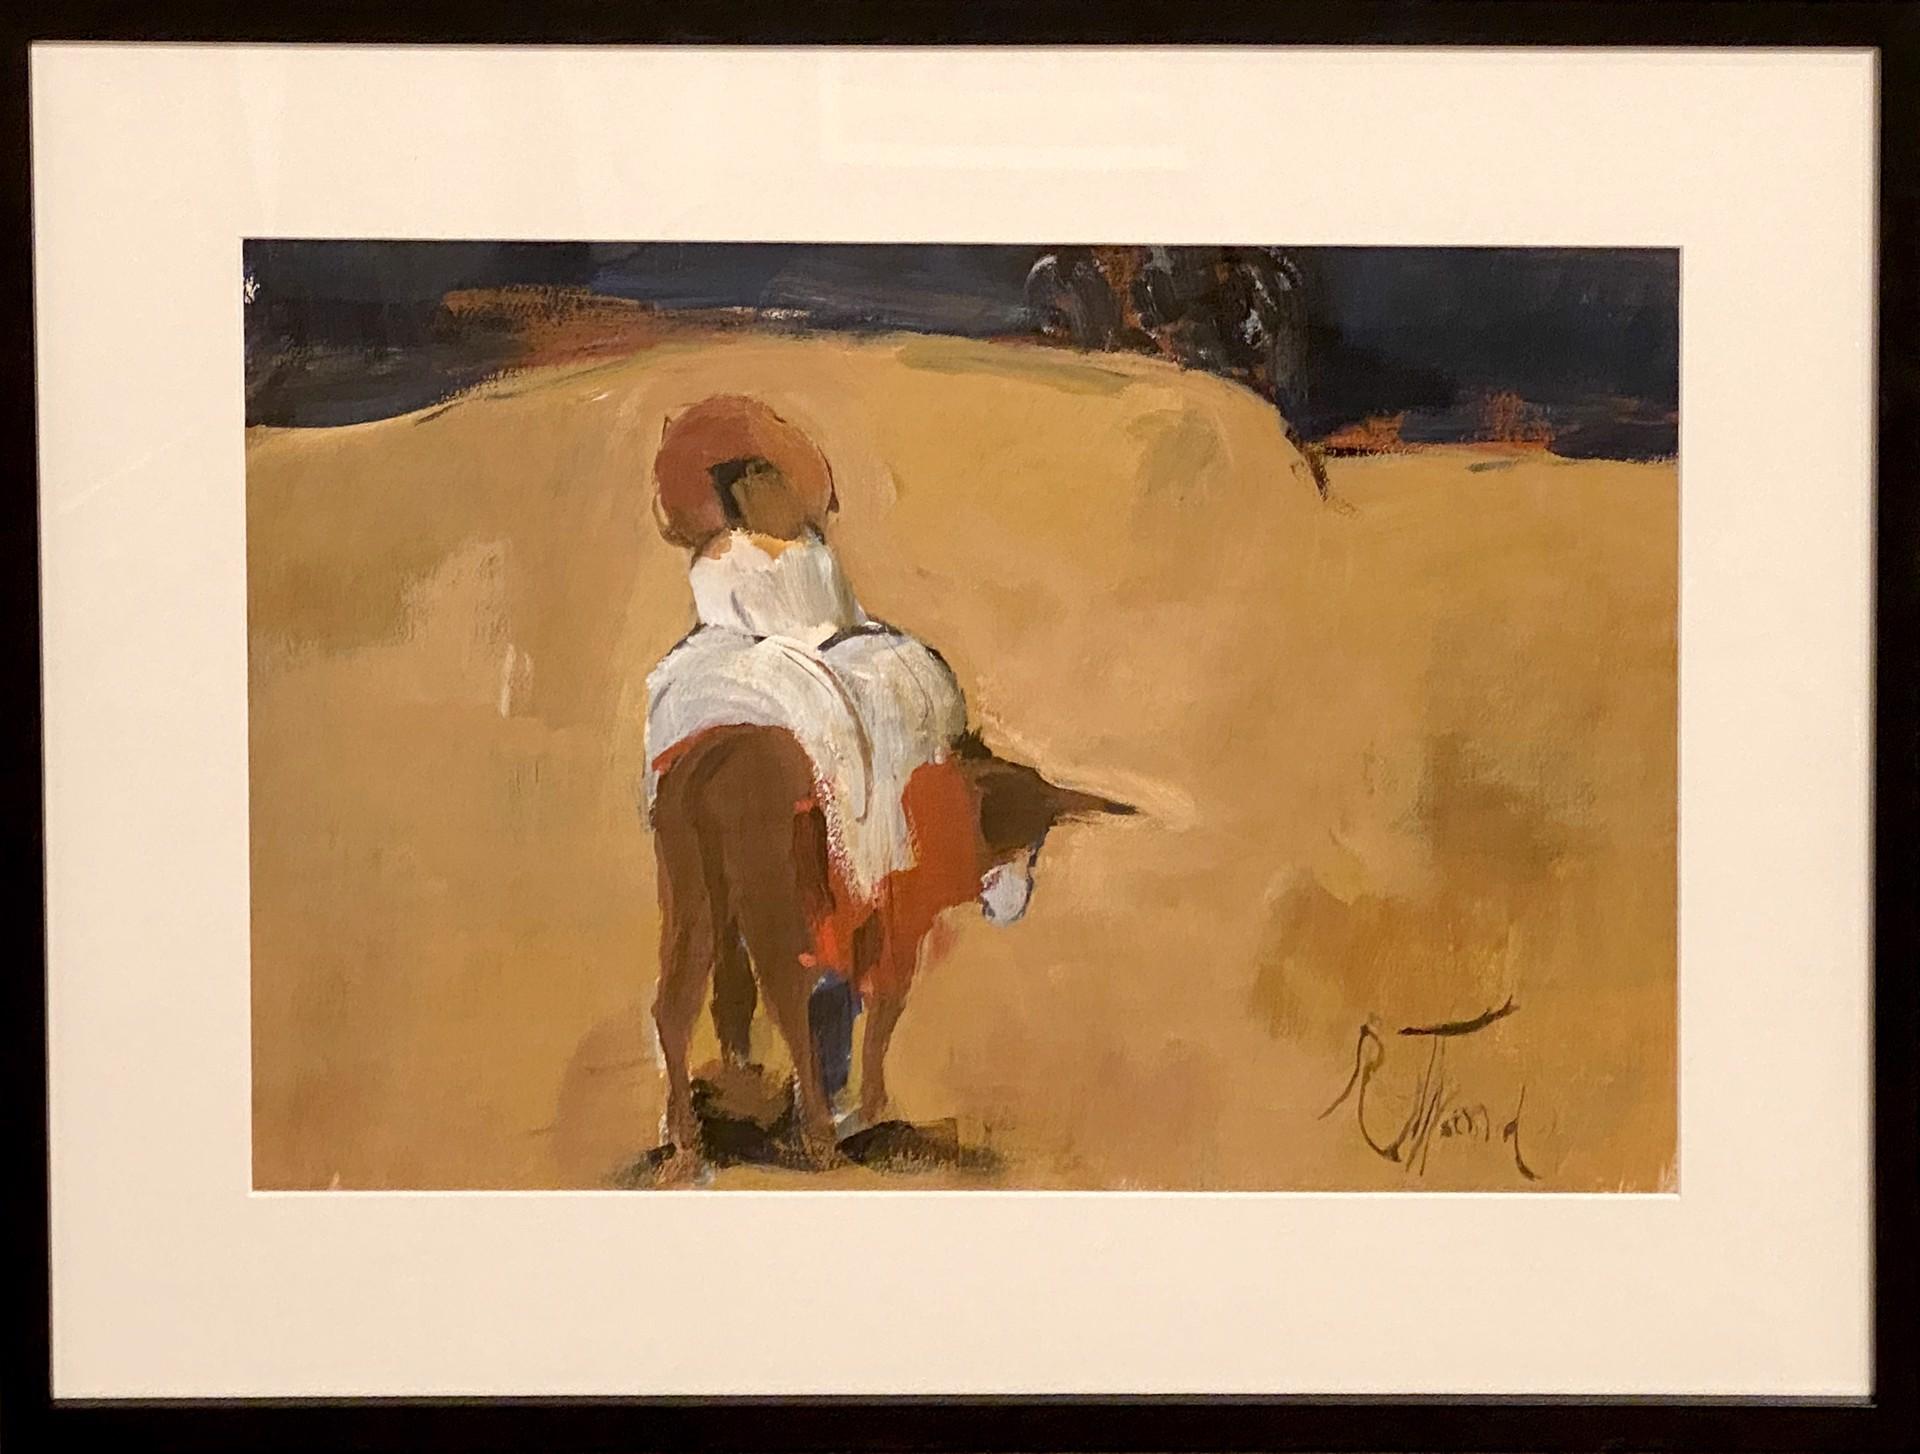 Rider on Donkey by Emily Rutland